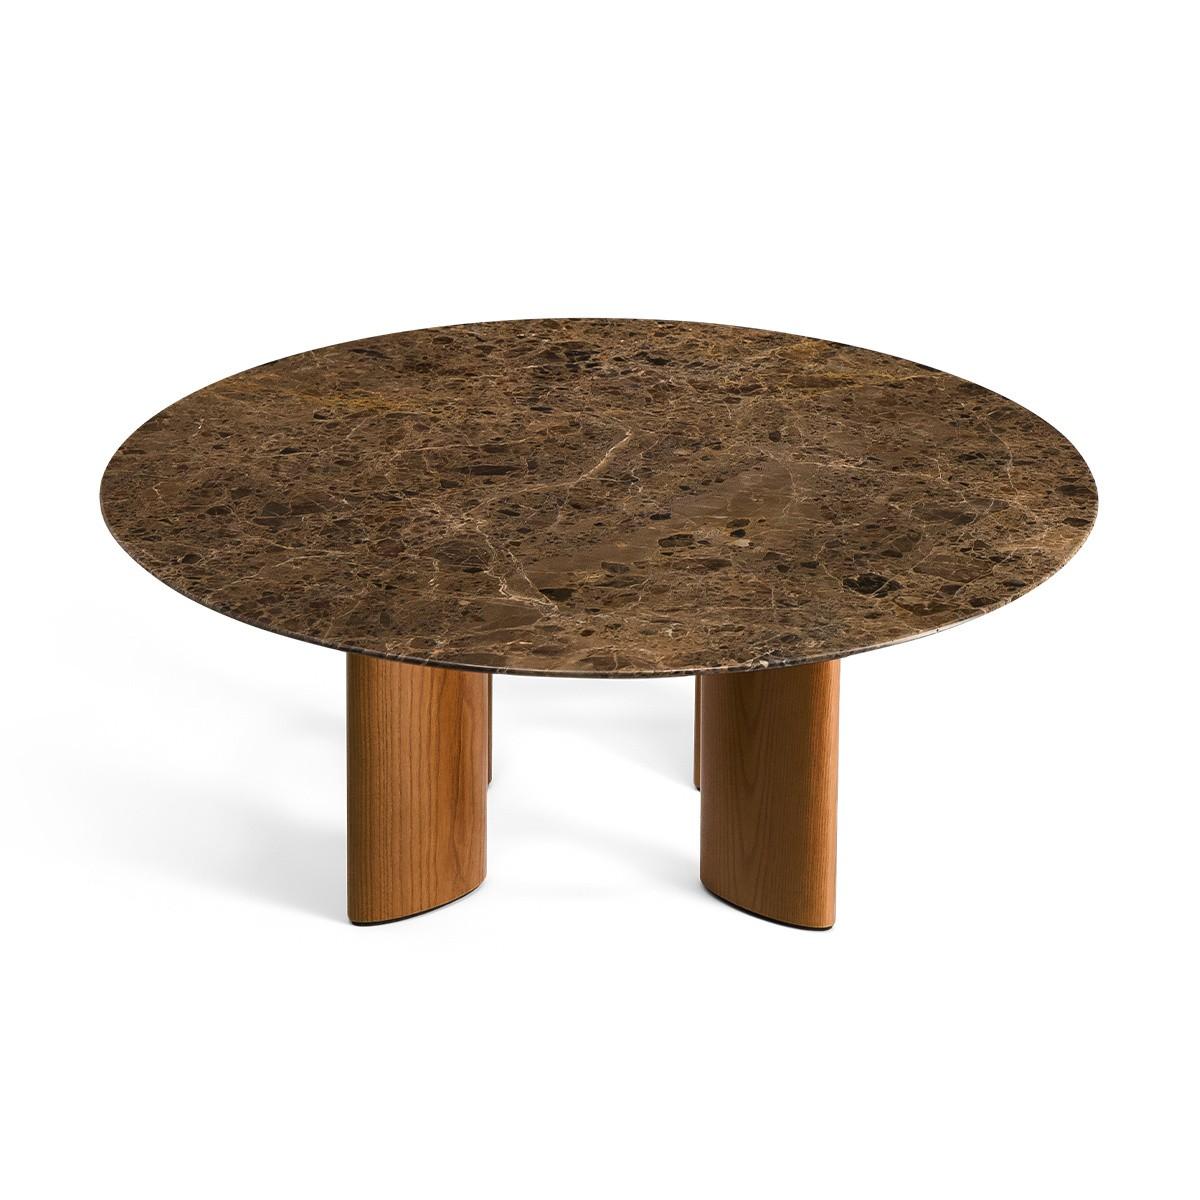 Table basse Carlotta pieds frêne finition iroko et marbre marron